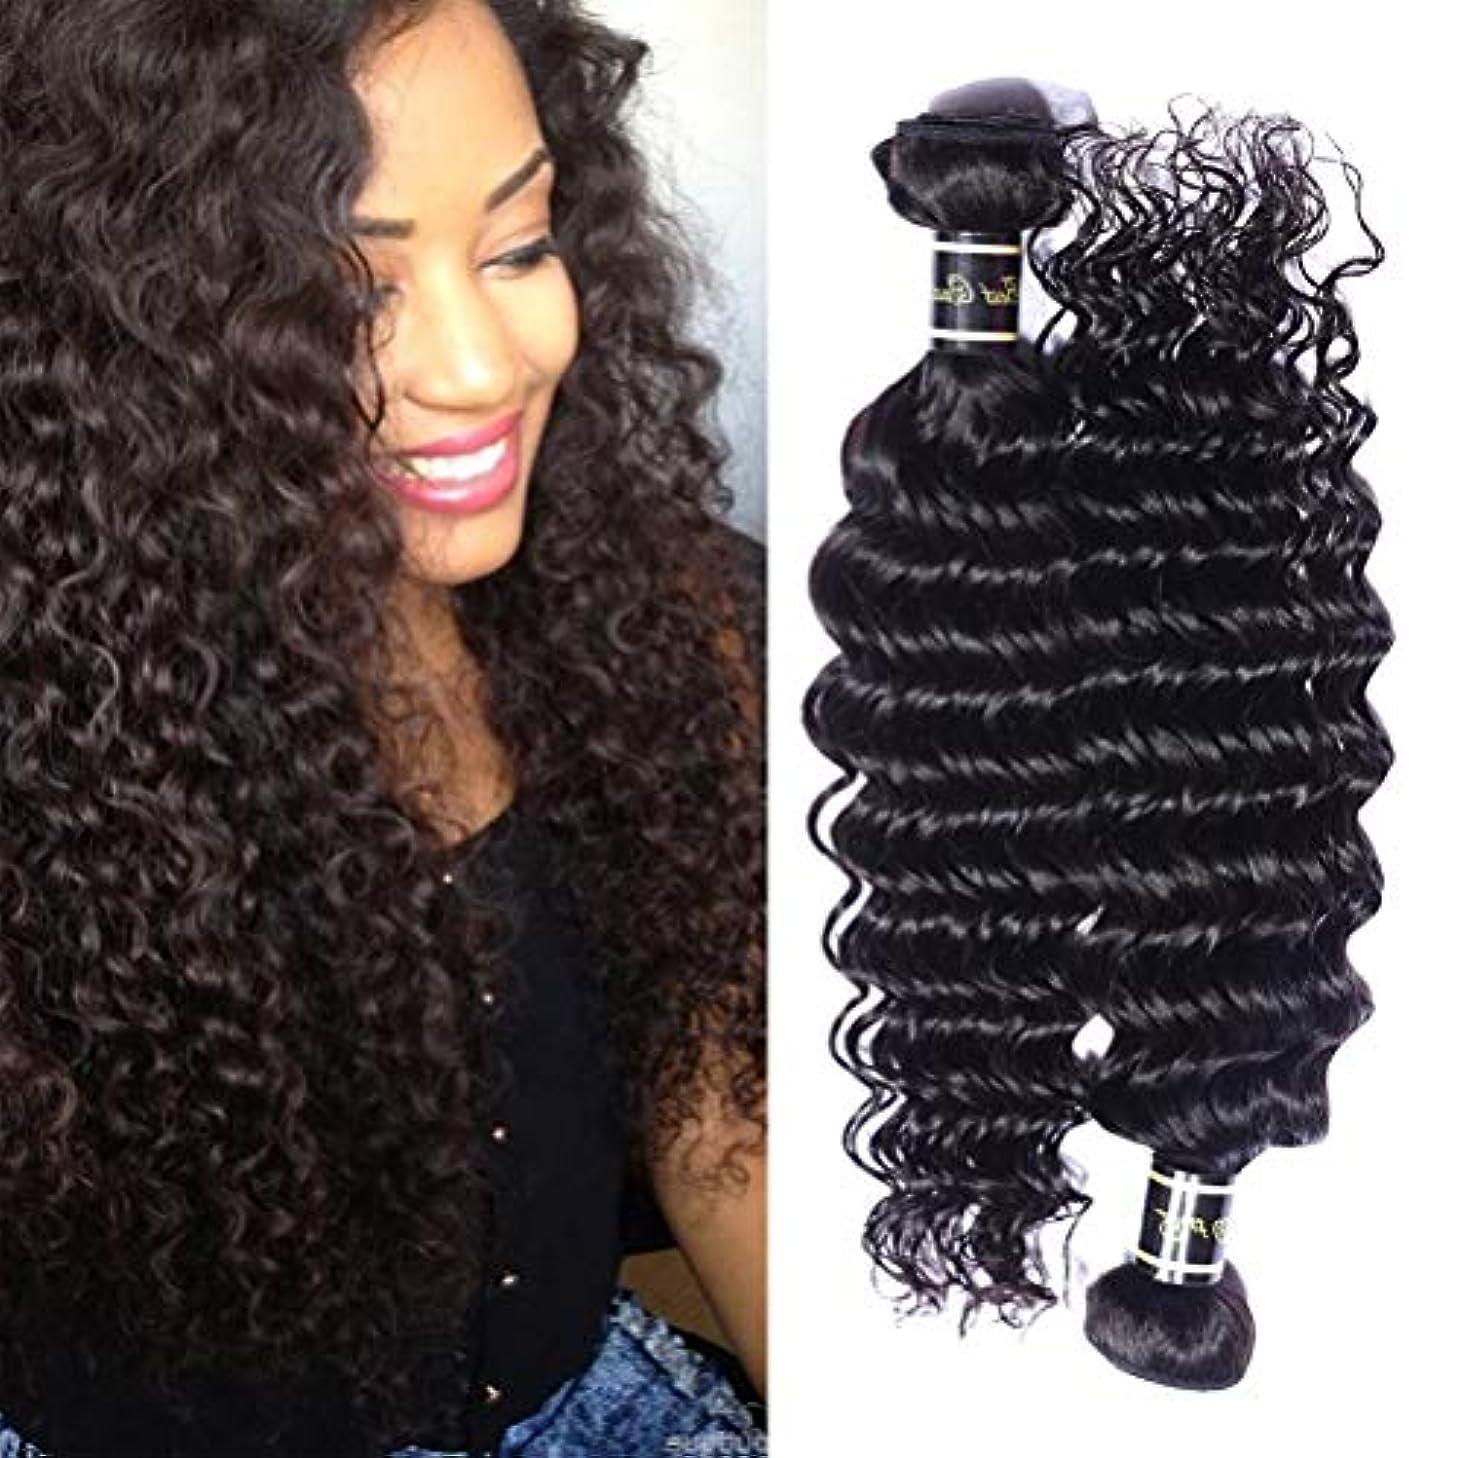 実験的睡眠空虚女性の髪織りブラジルのロングボディウェーブヘアバンドル波状ヘアエクステンション縫う100%人毛織り100g /バンドル